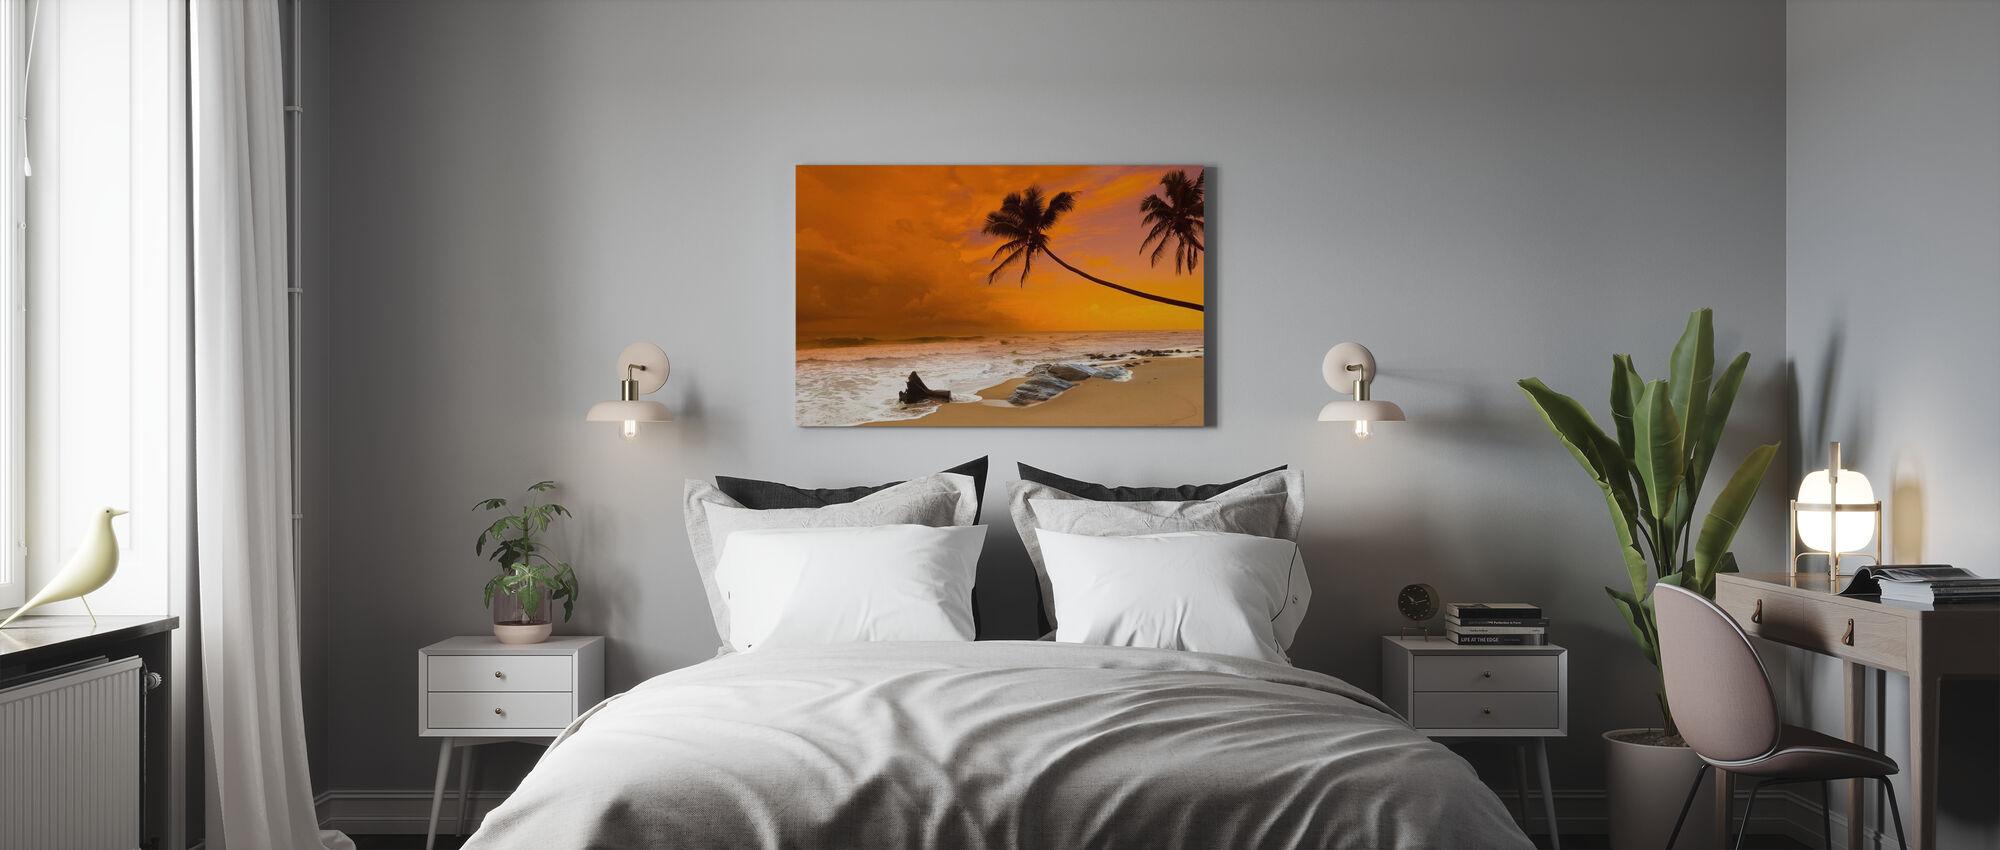 Solnedgång över havet - Canvastavla - Sovrum